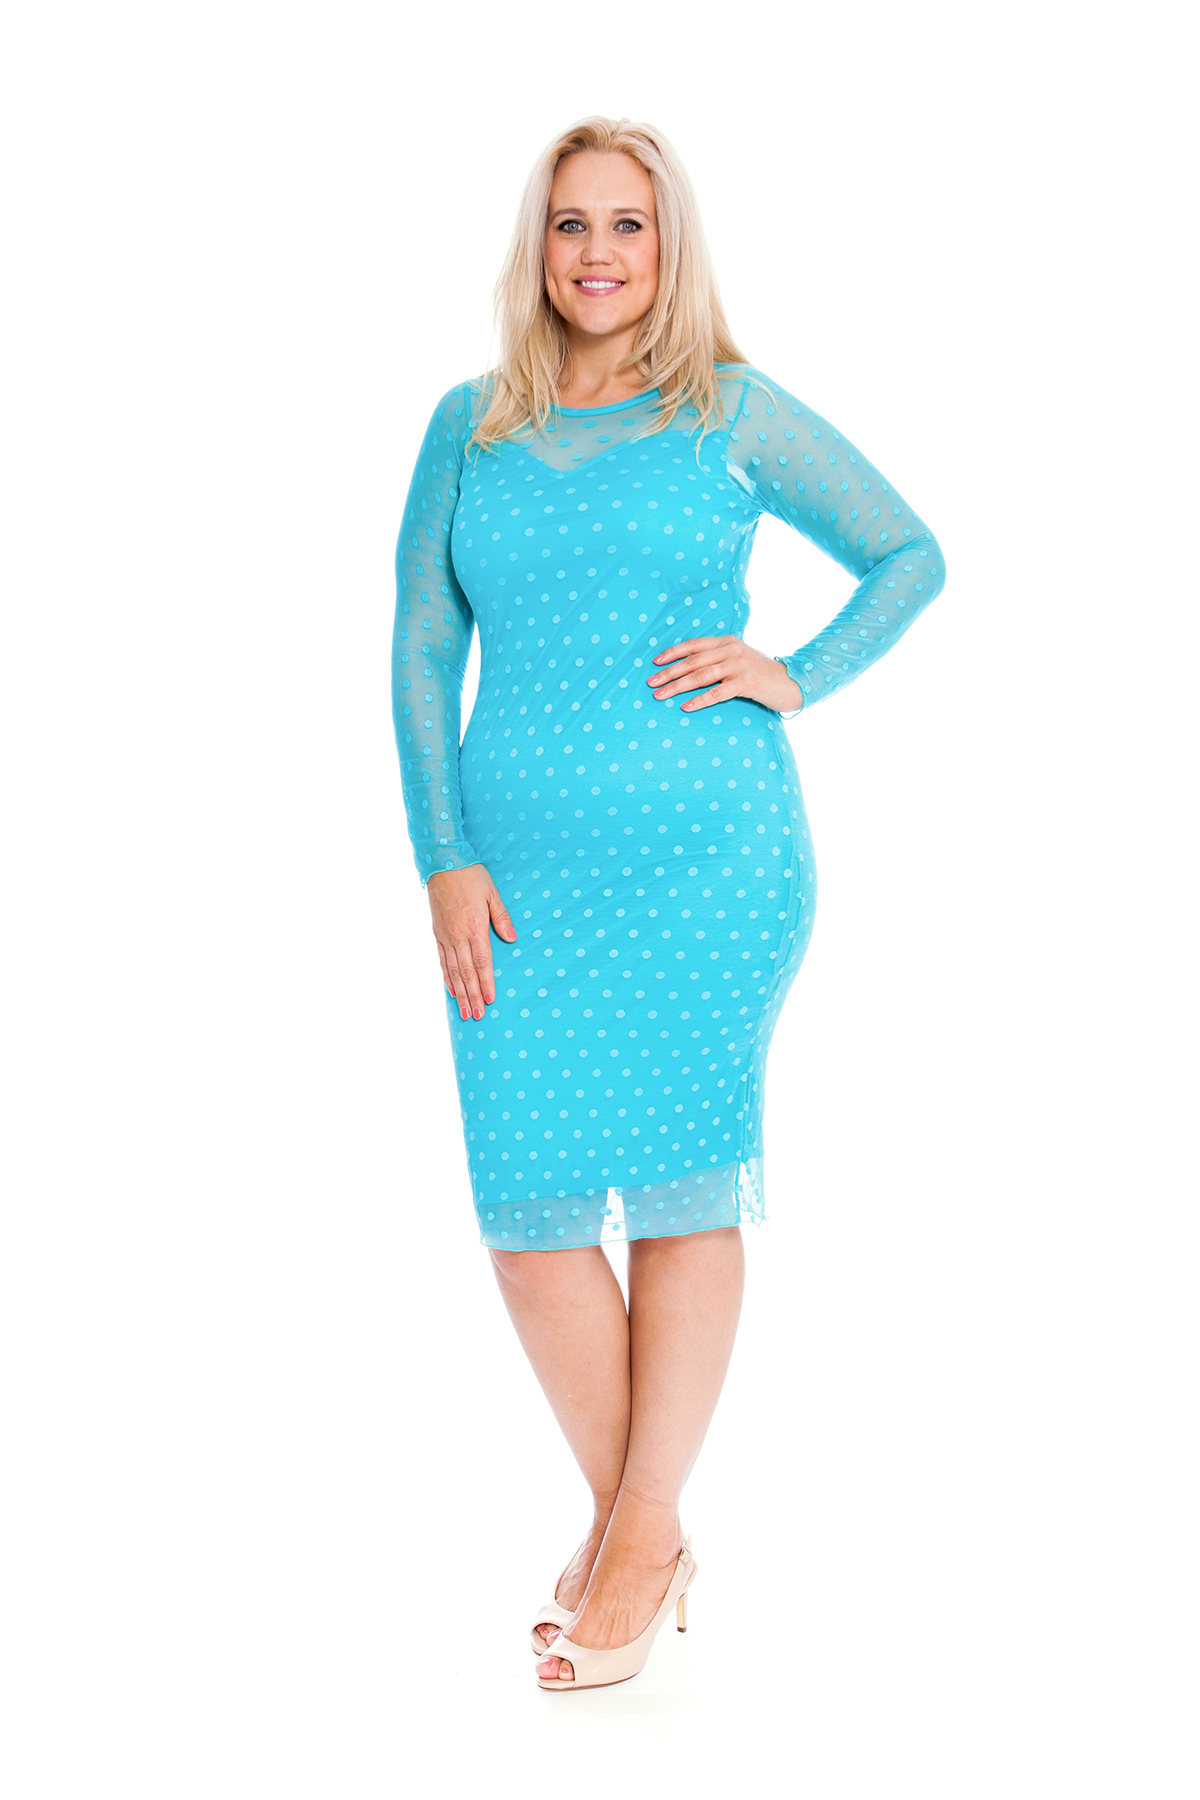 New Ladies Plus Size Dress Women Lace Polka Dot Midi Party ...